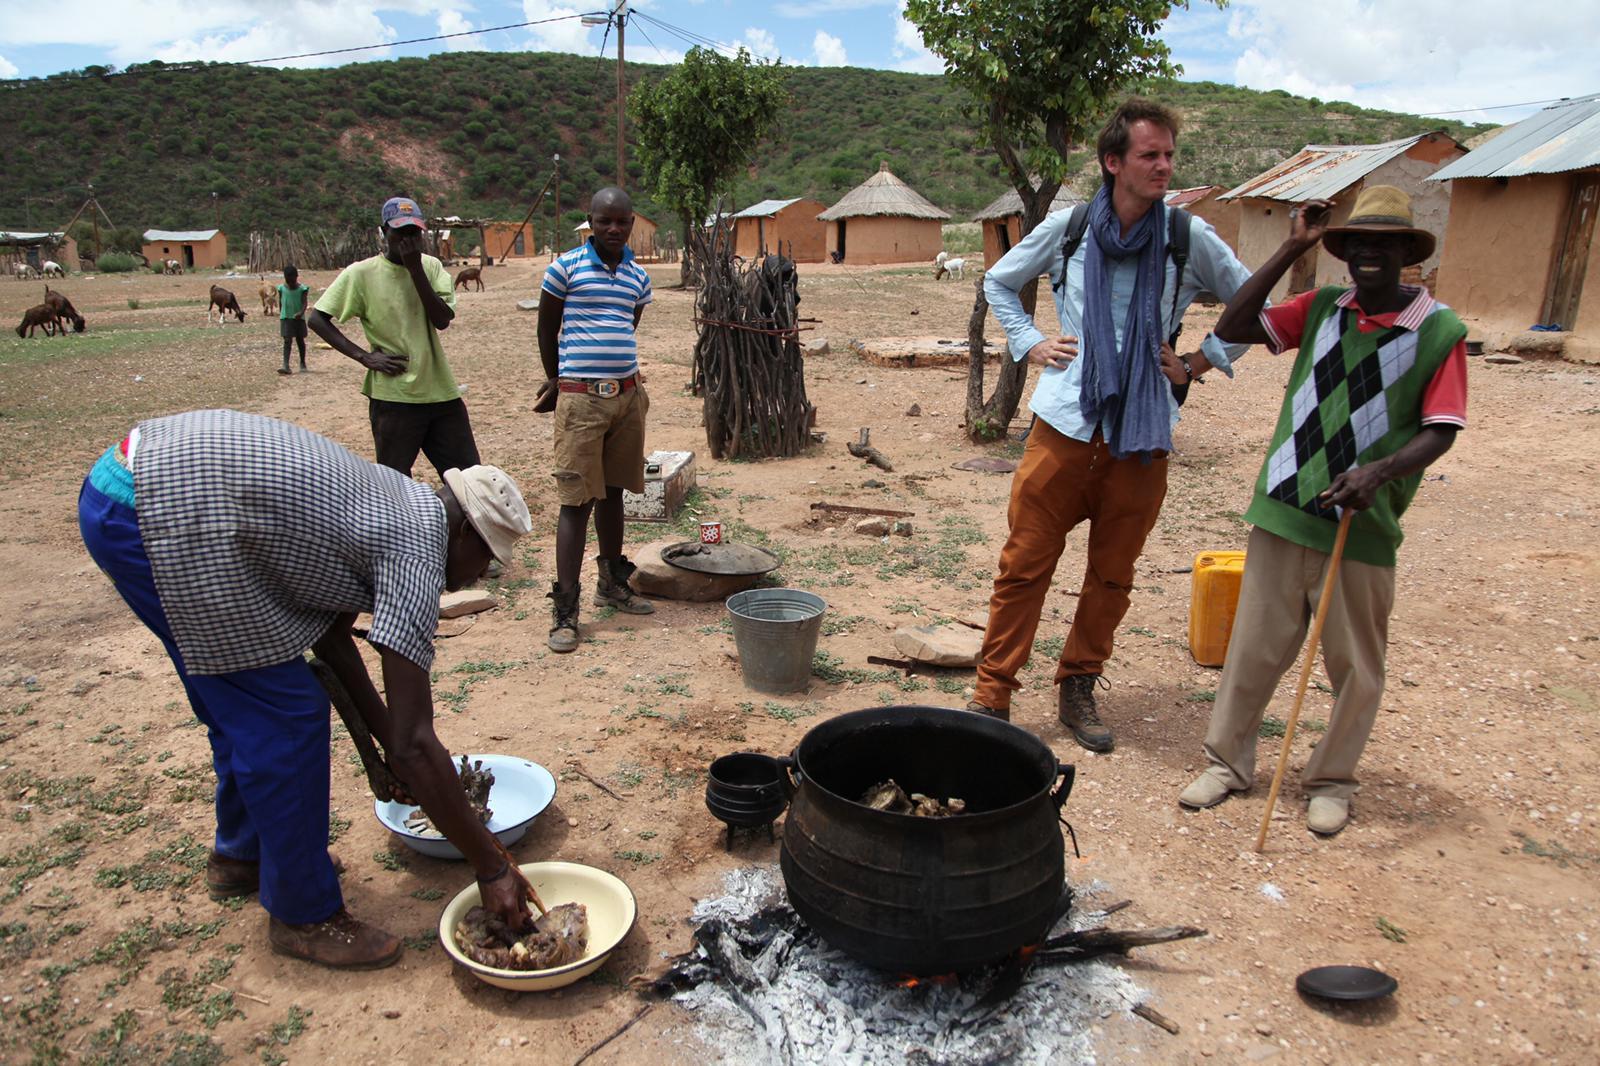 Kolejne kulinarne odkrycia Pascala Brodnickiego podczas podróży do Namibii